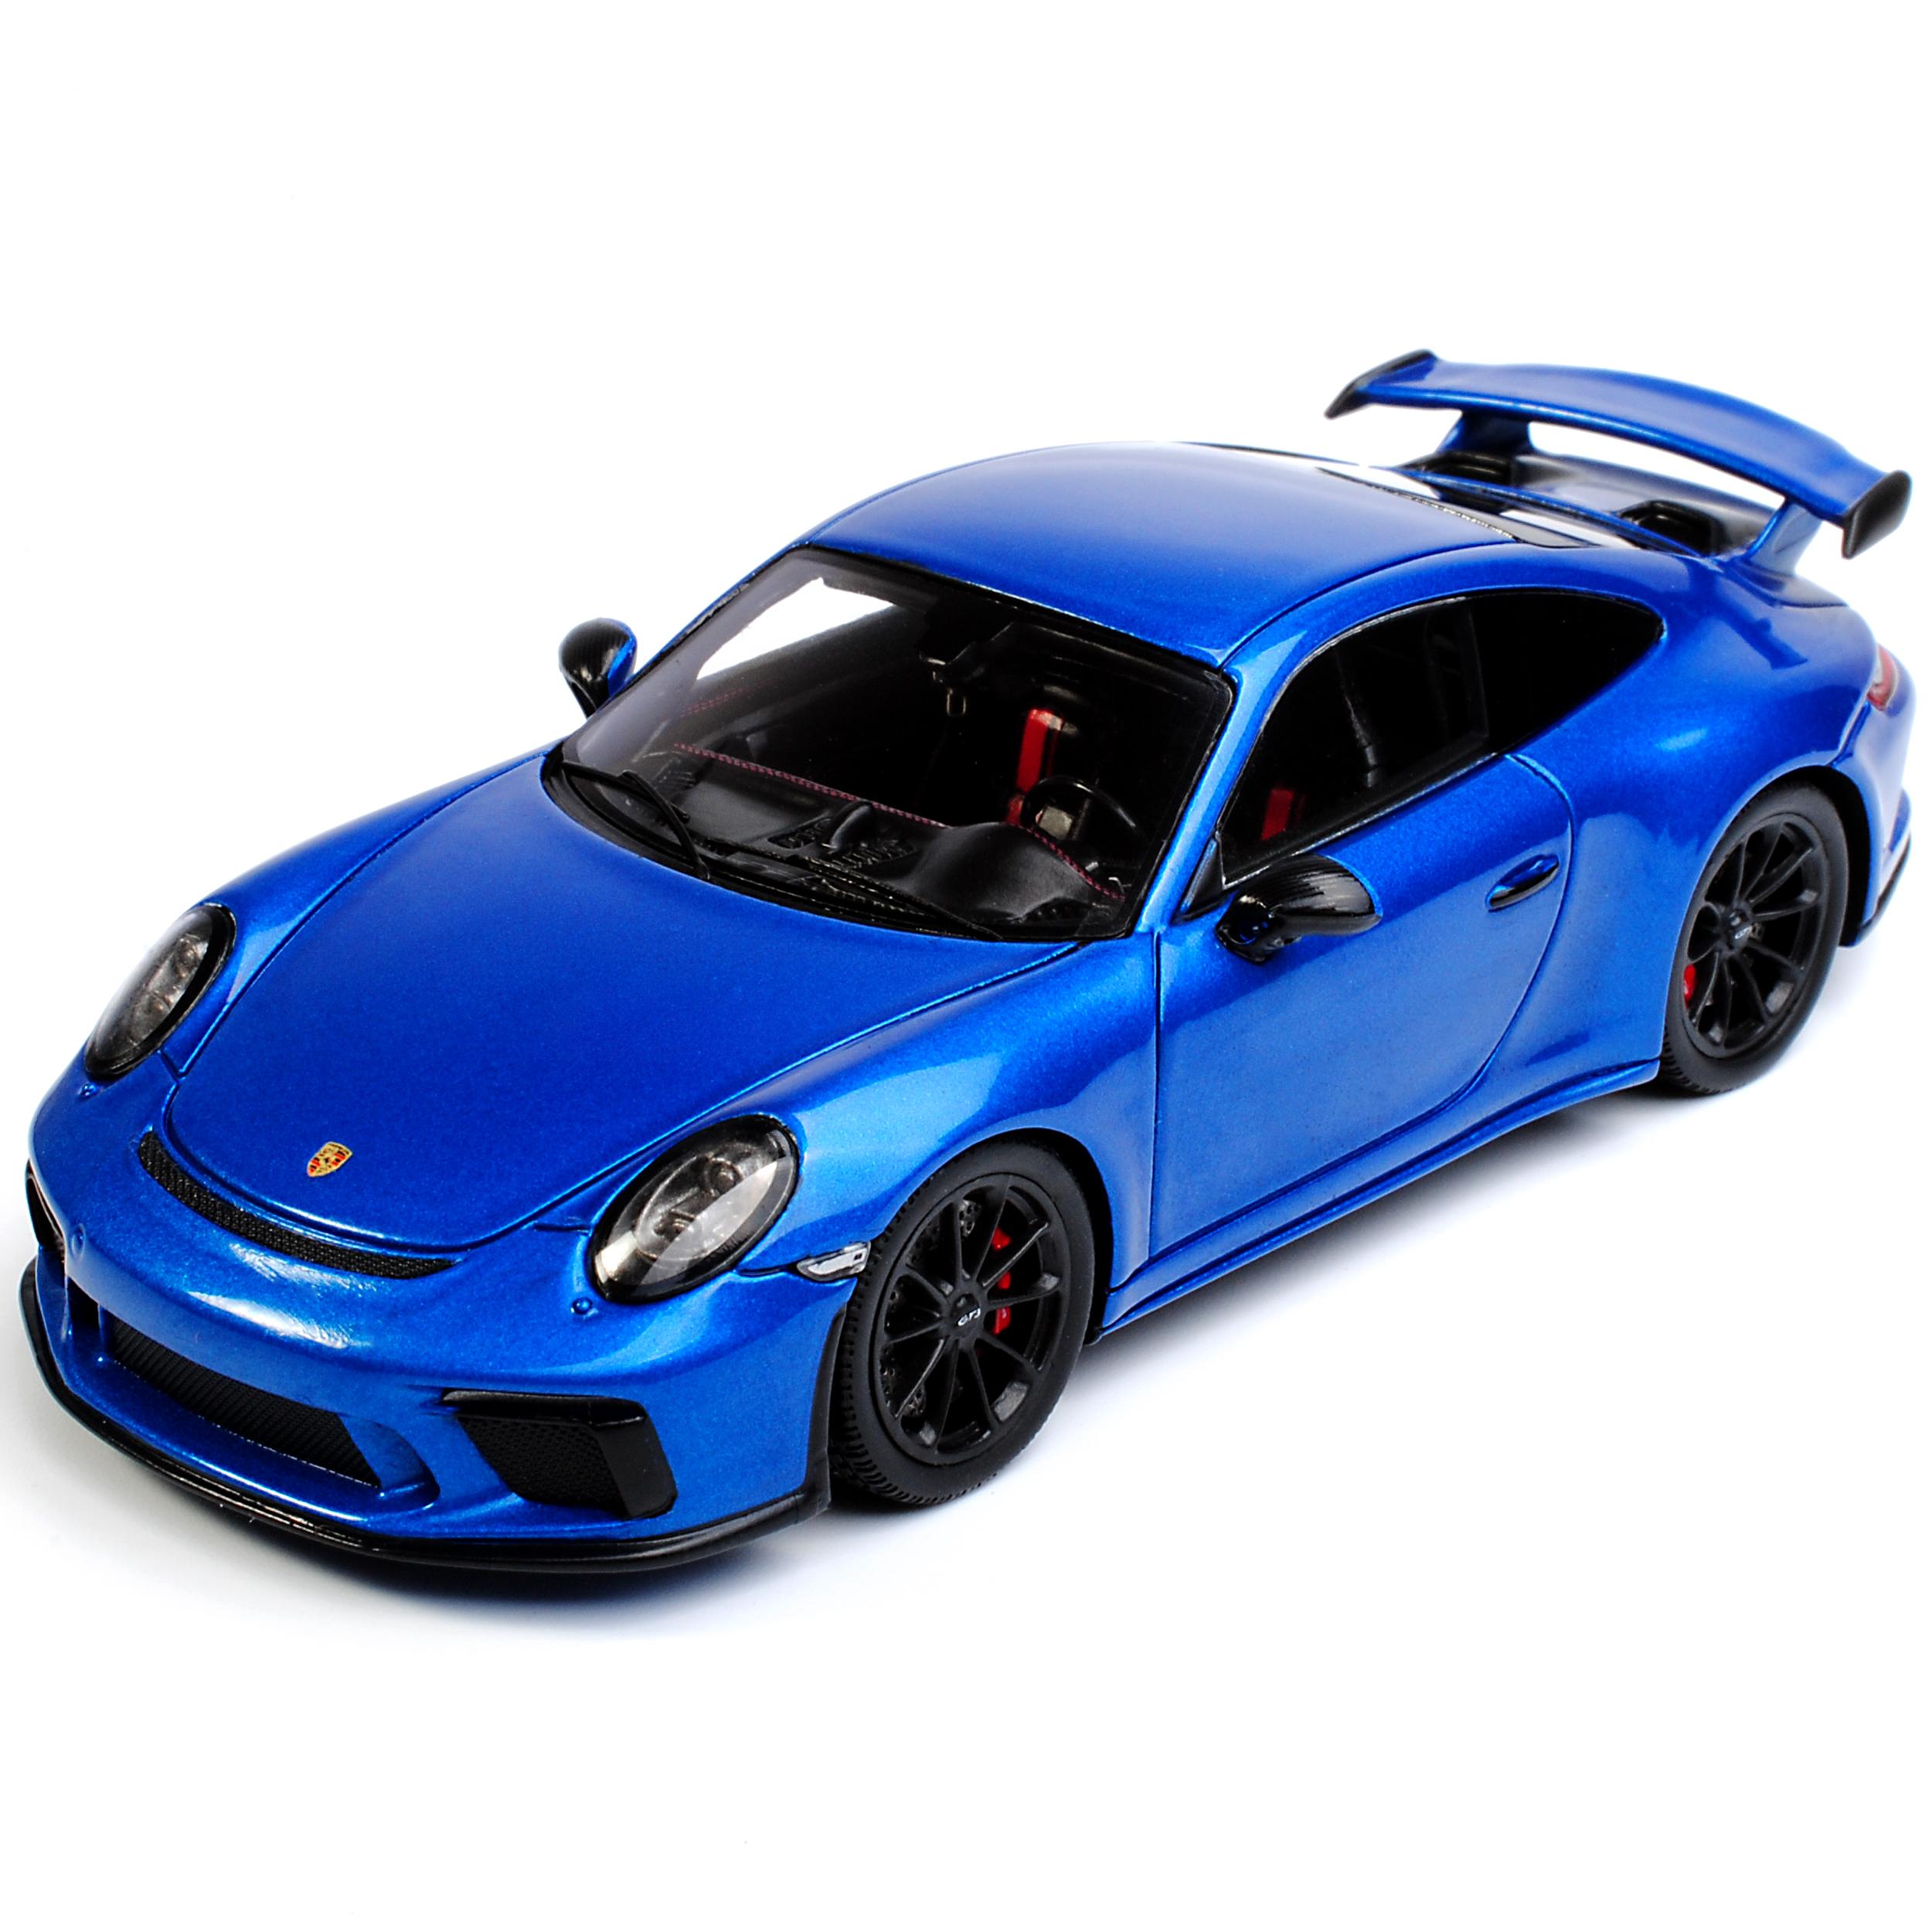 Porsche 911 991 II GT3 Blau Modell ab 2012 Ab Facelift 2015 limitiert 1 von 50..